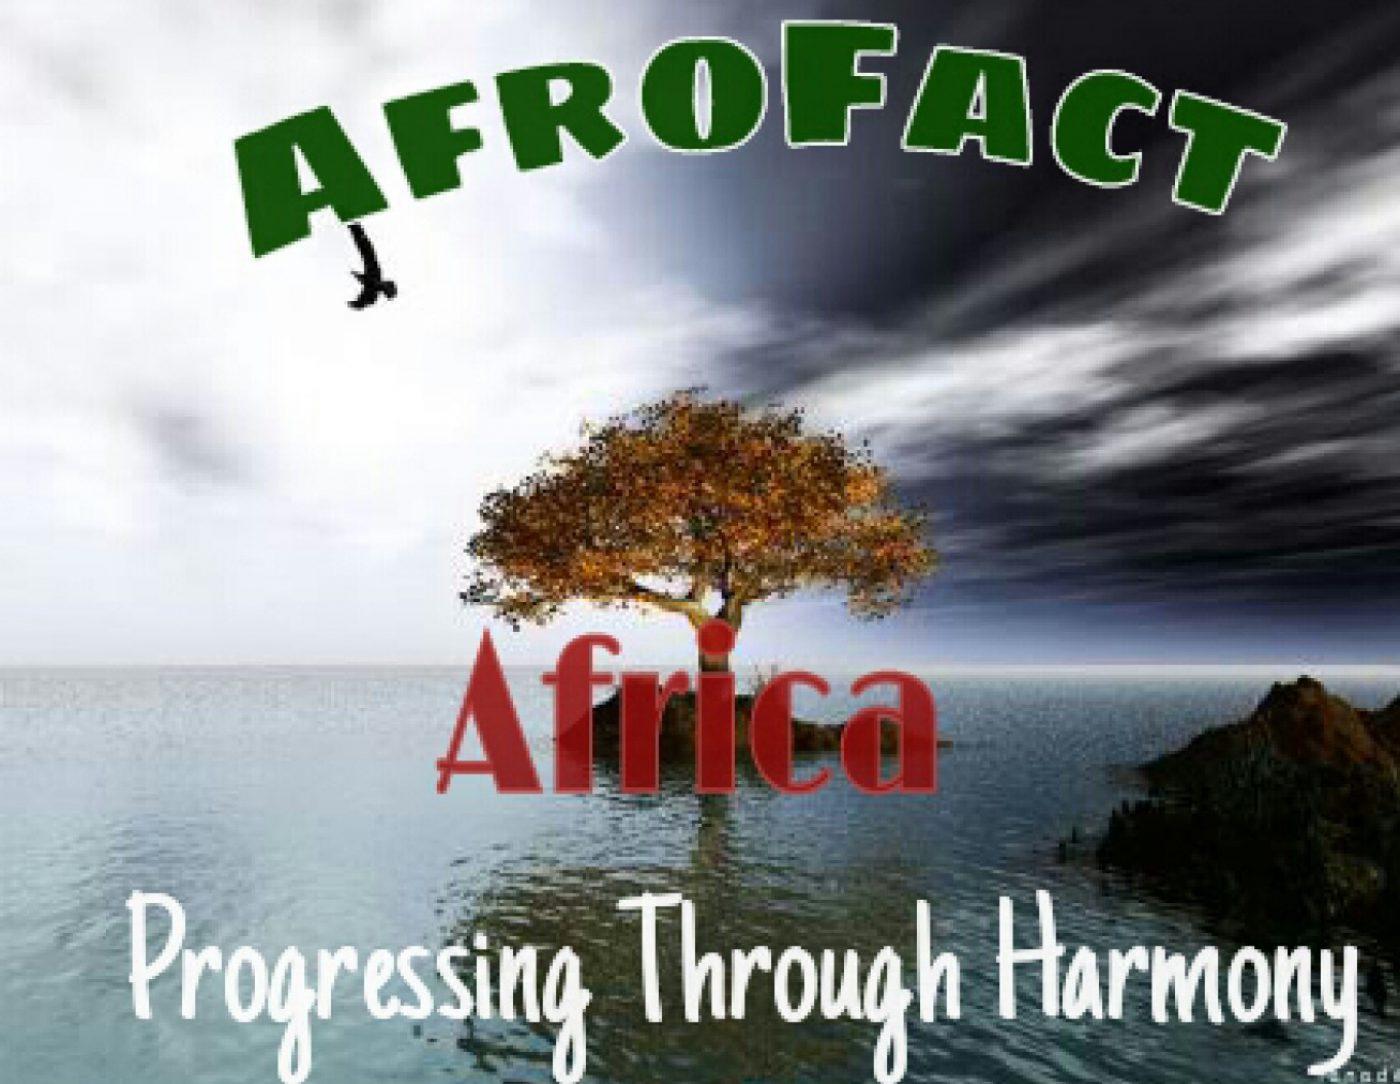 AFROFACT